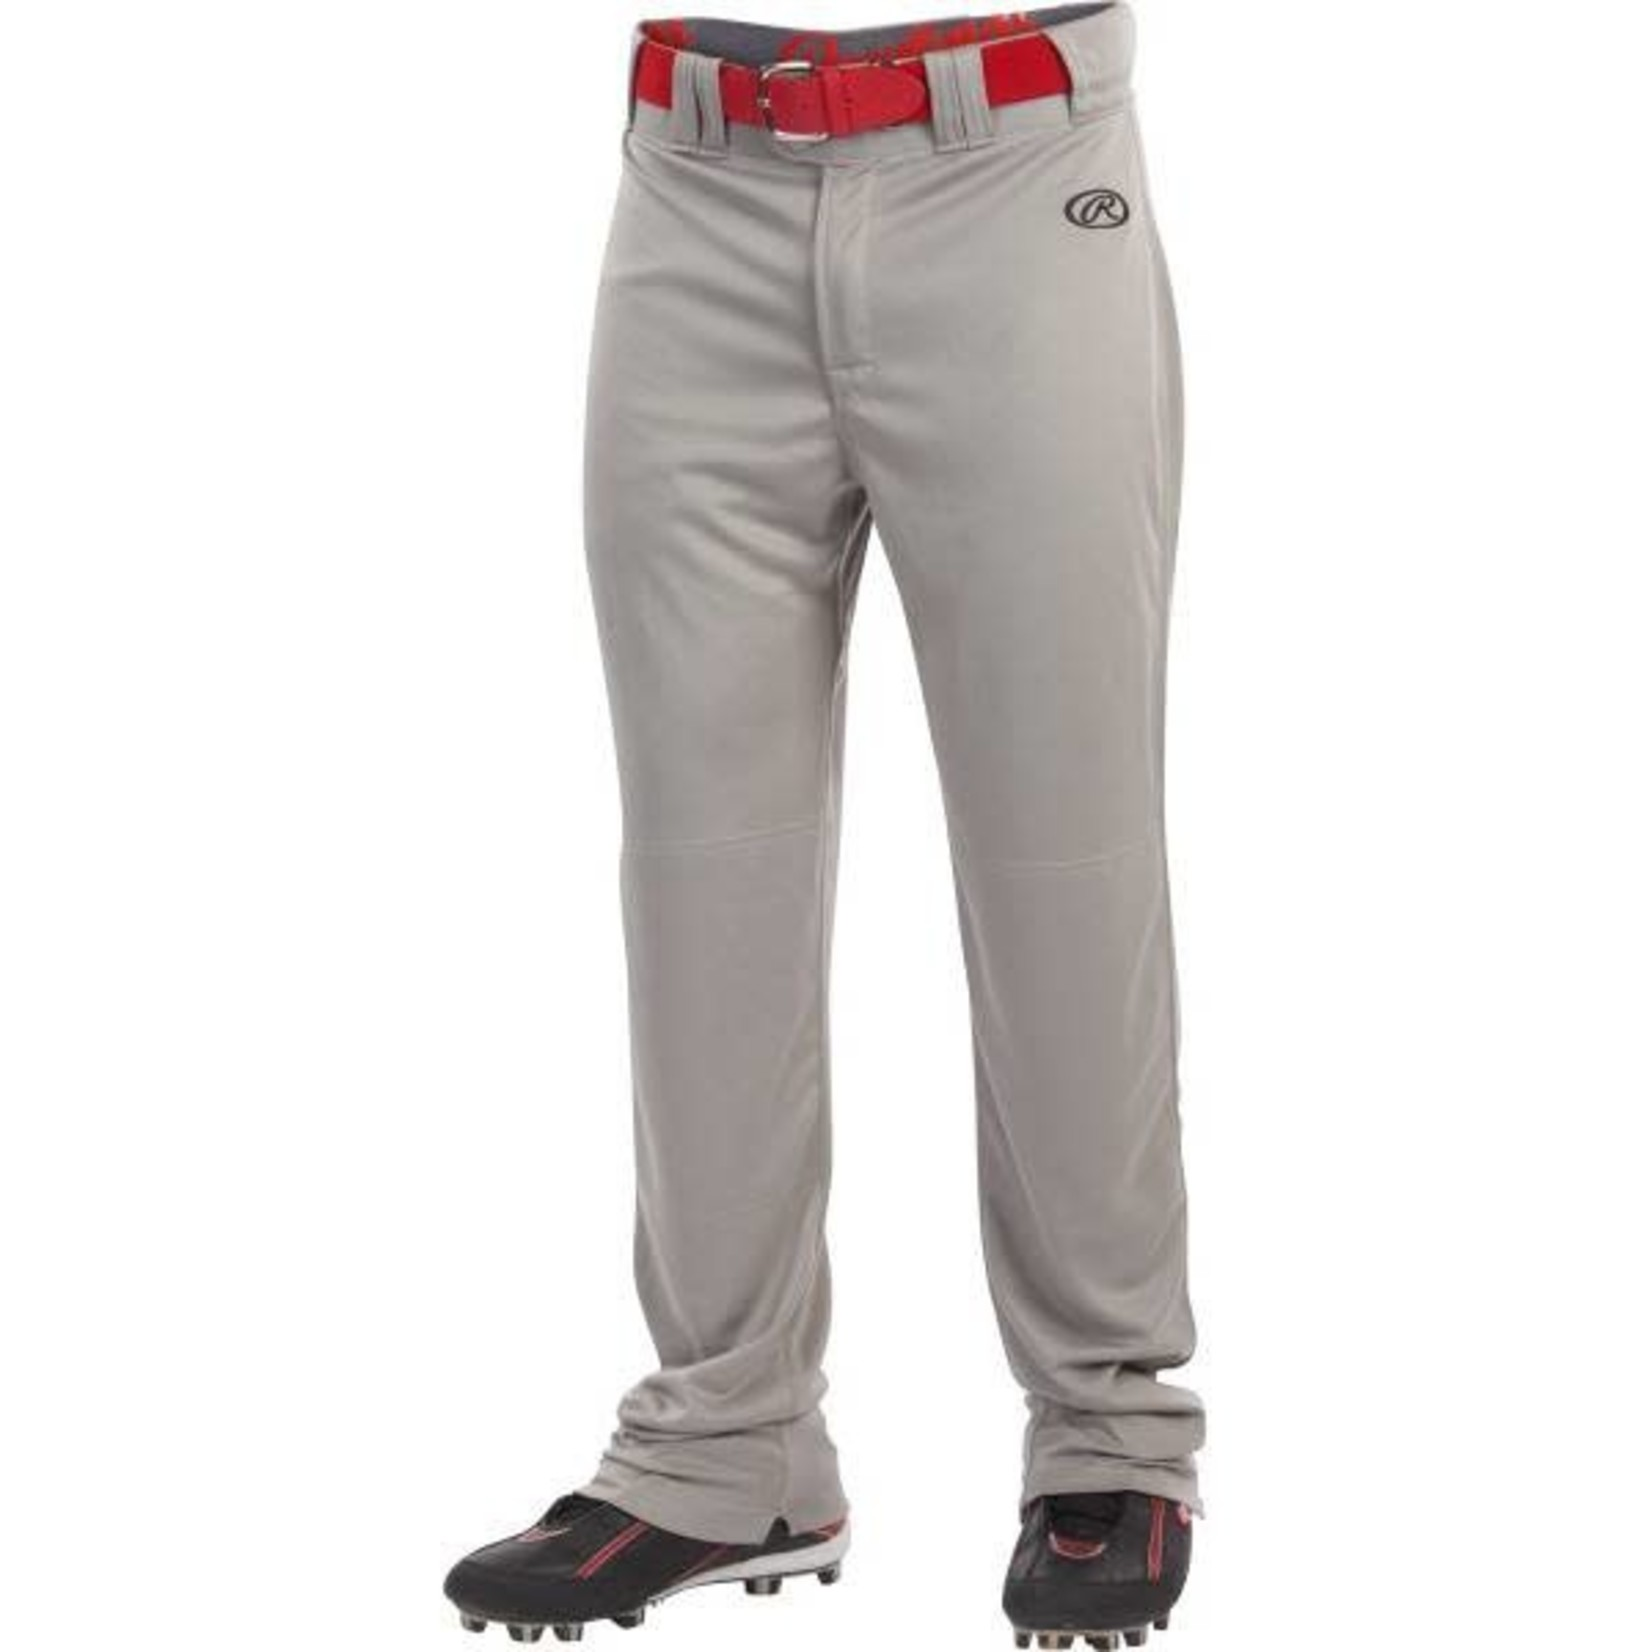 Rawlings Pantalon Baseball Launch Youth